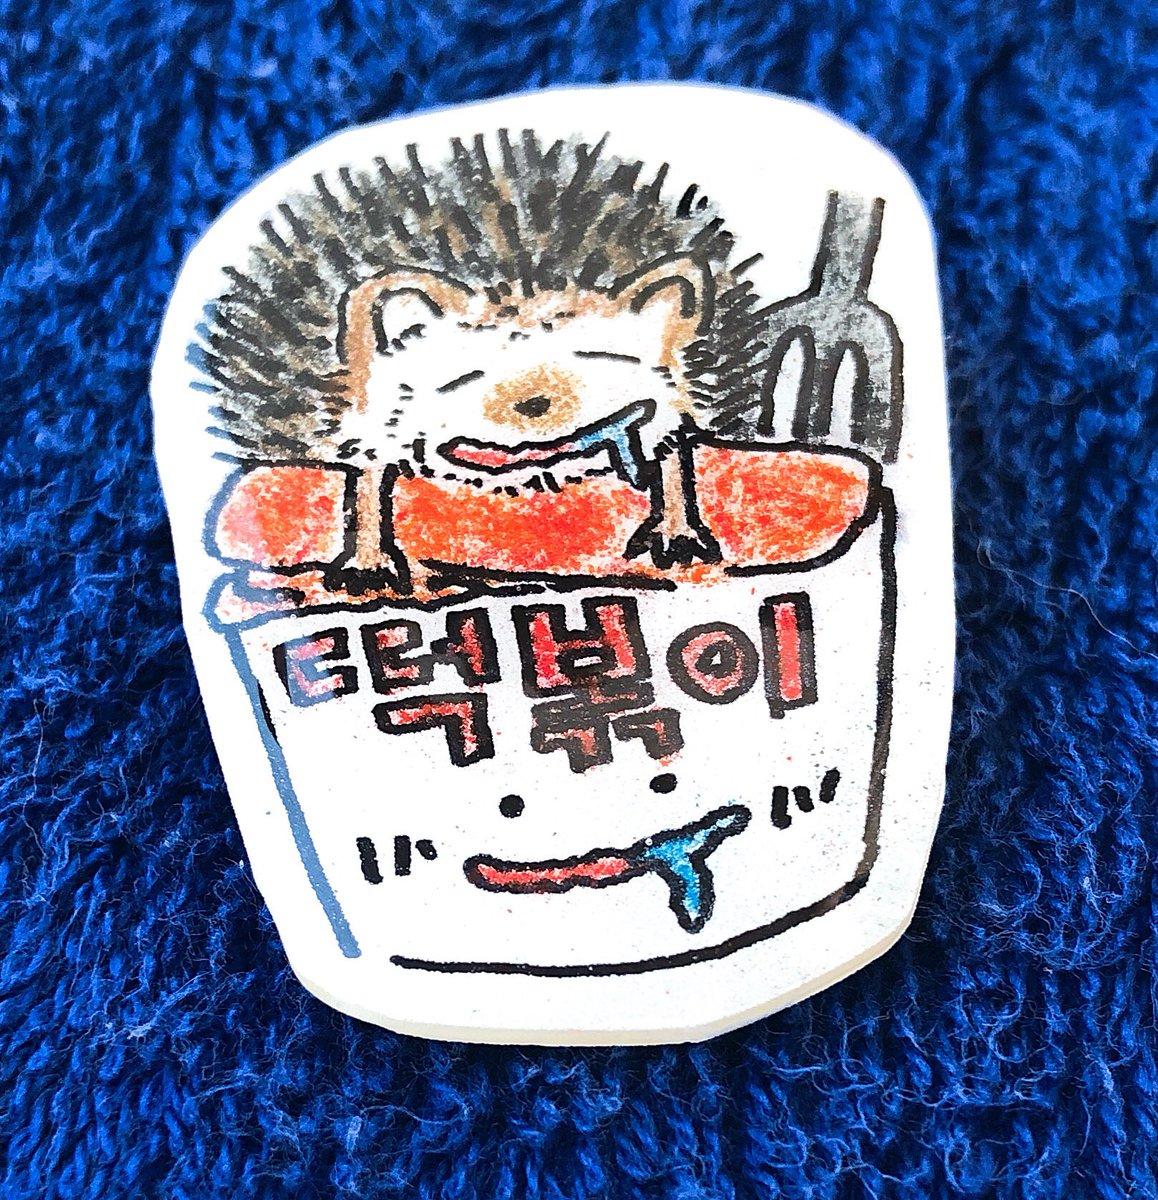 です 語 可愛い 韓国 「可愛い(かわいい)」を韓国語では?かわいいを極める表現やフレーズ